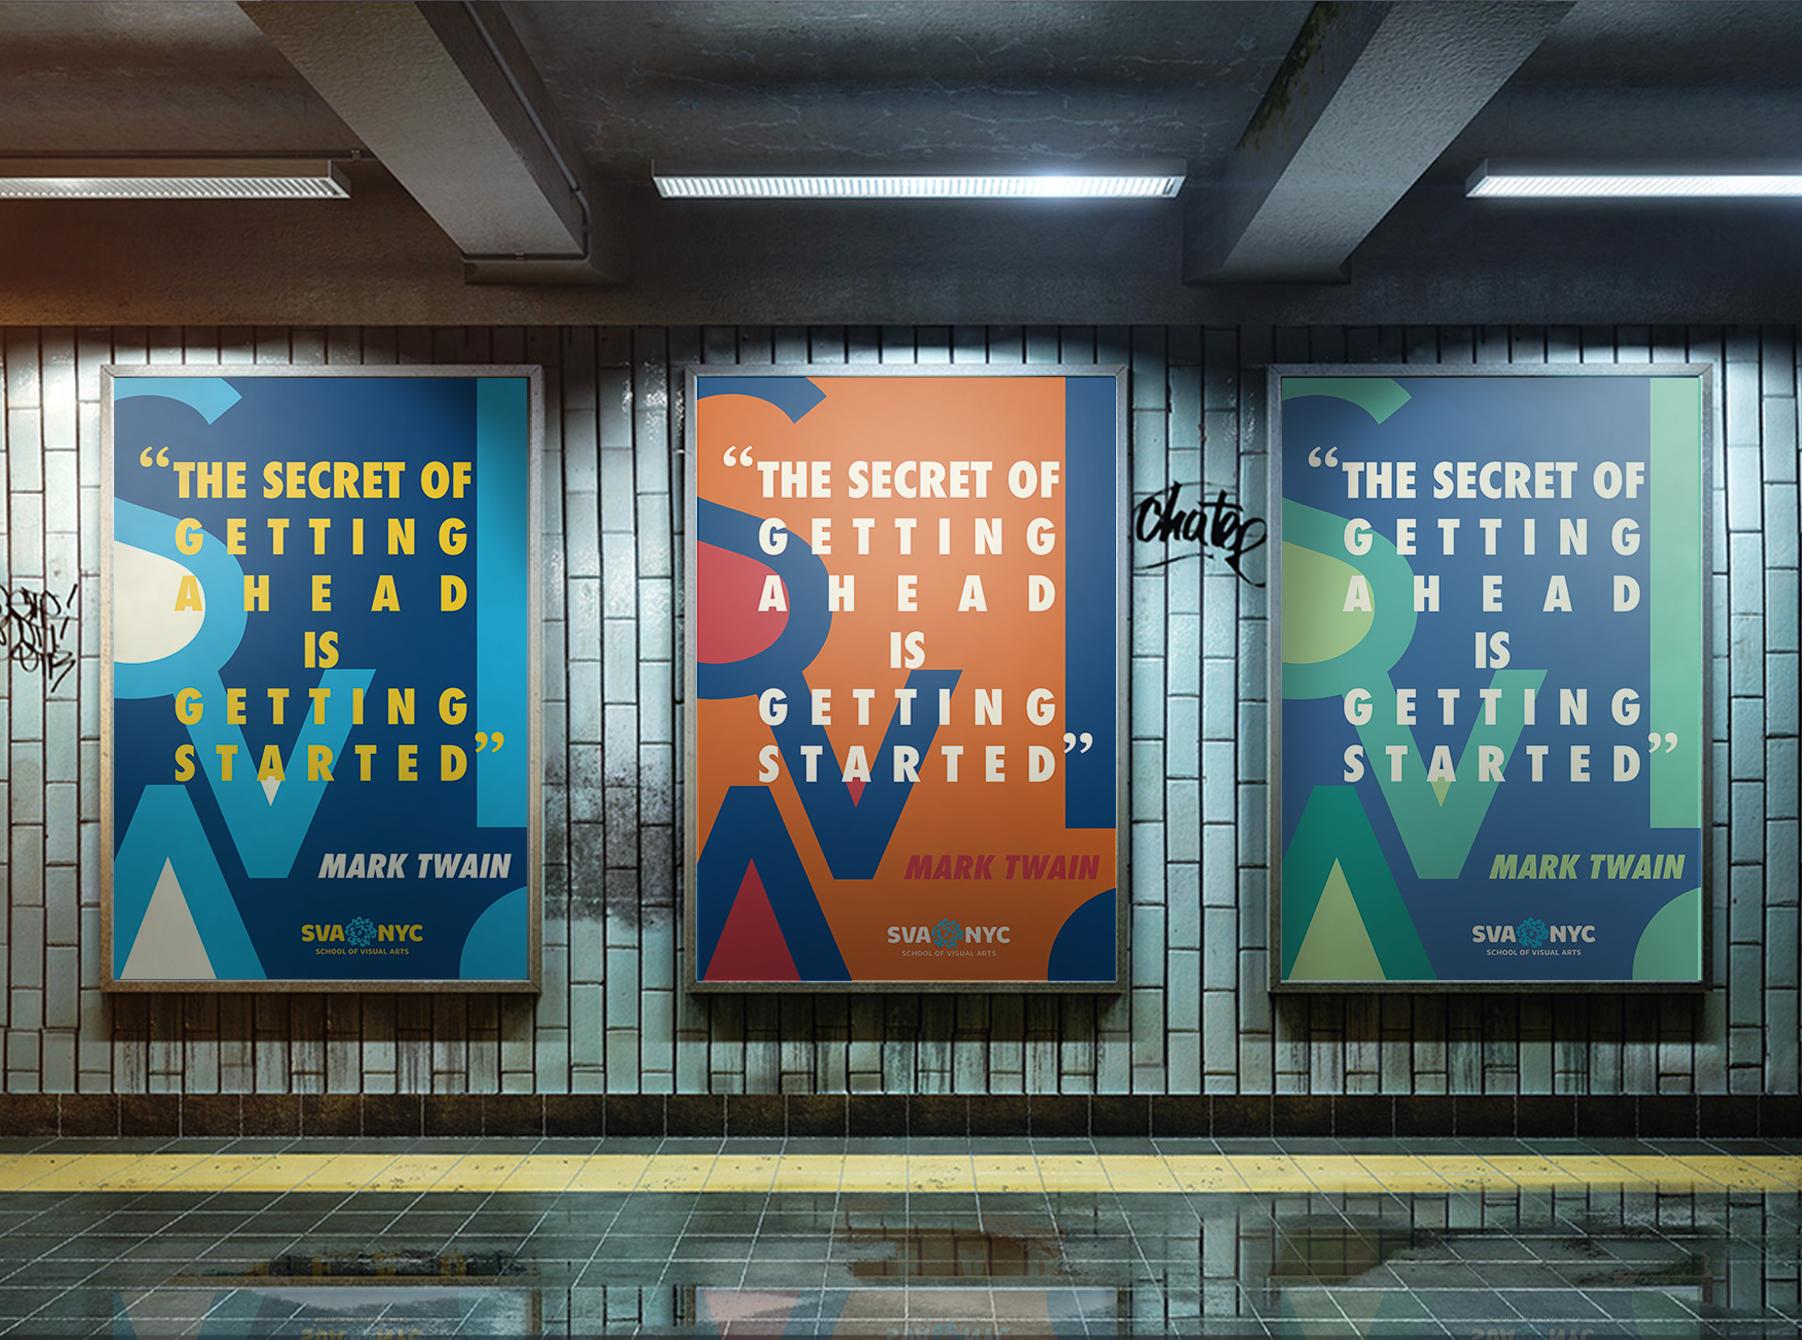 sva subway poster mockup 2.png